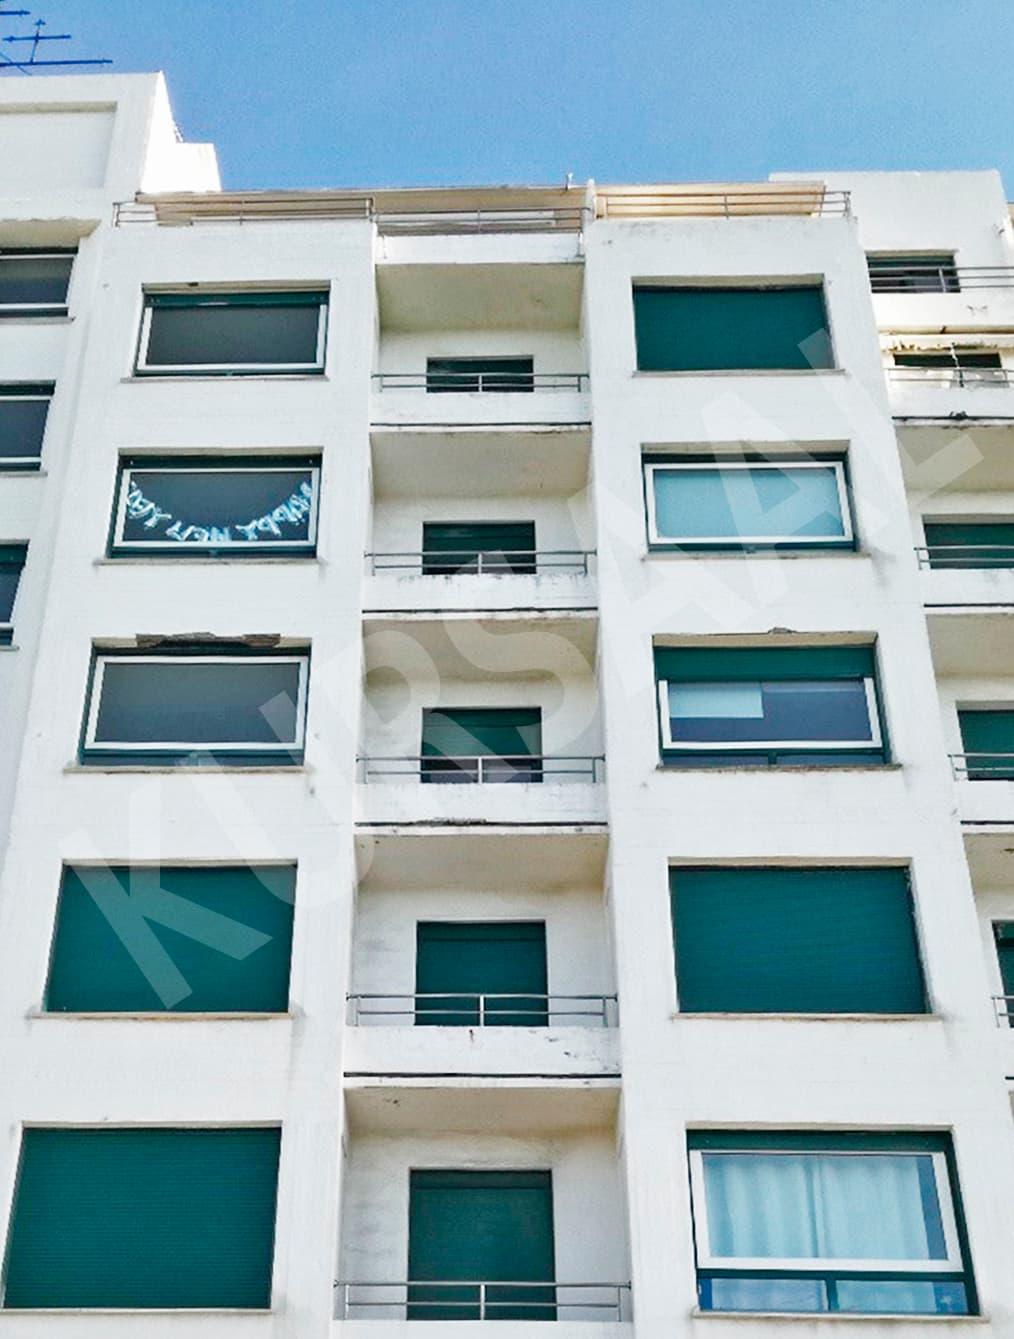 foto 3 - Aislamientos Térmicos y Eficiencia Energética-Ramón María Lili 8-9-DONOSTIA, GIPUZKOA